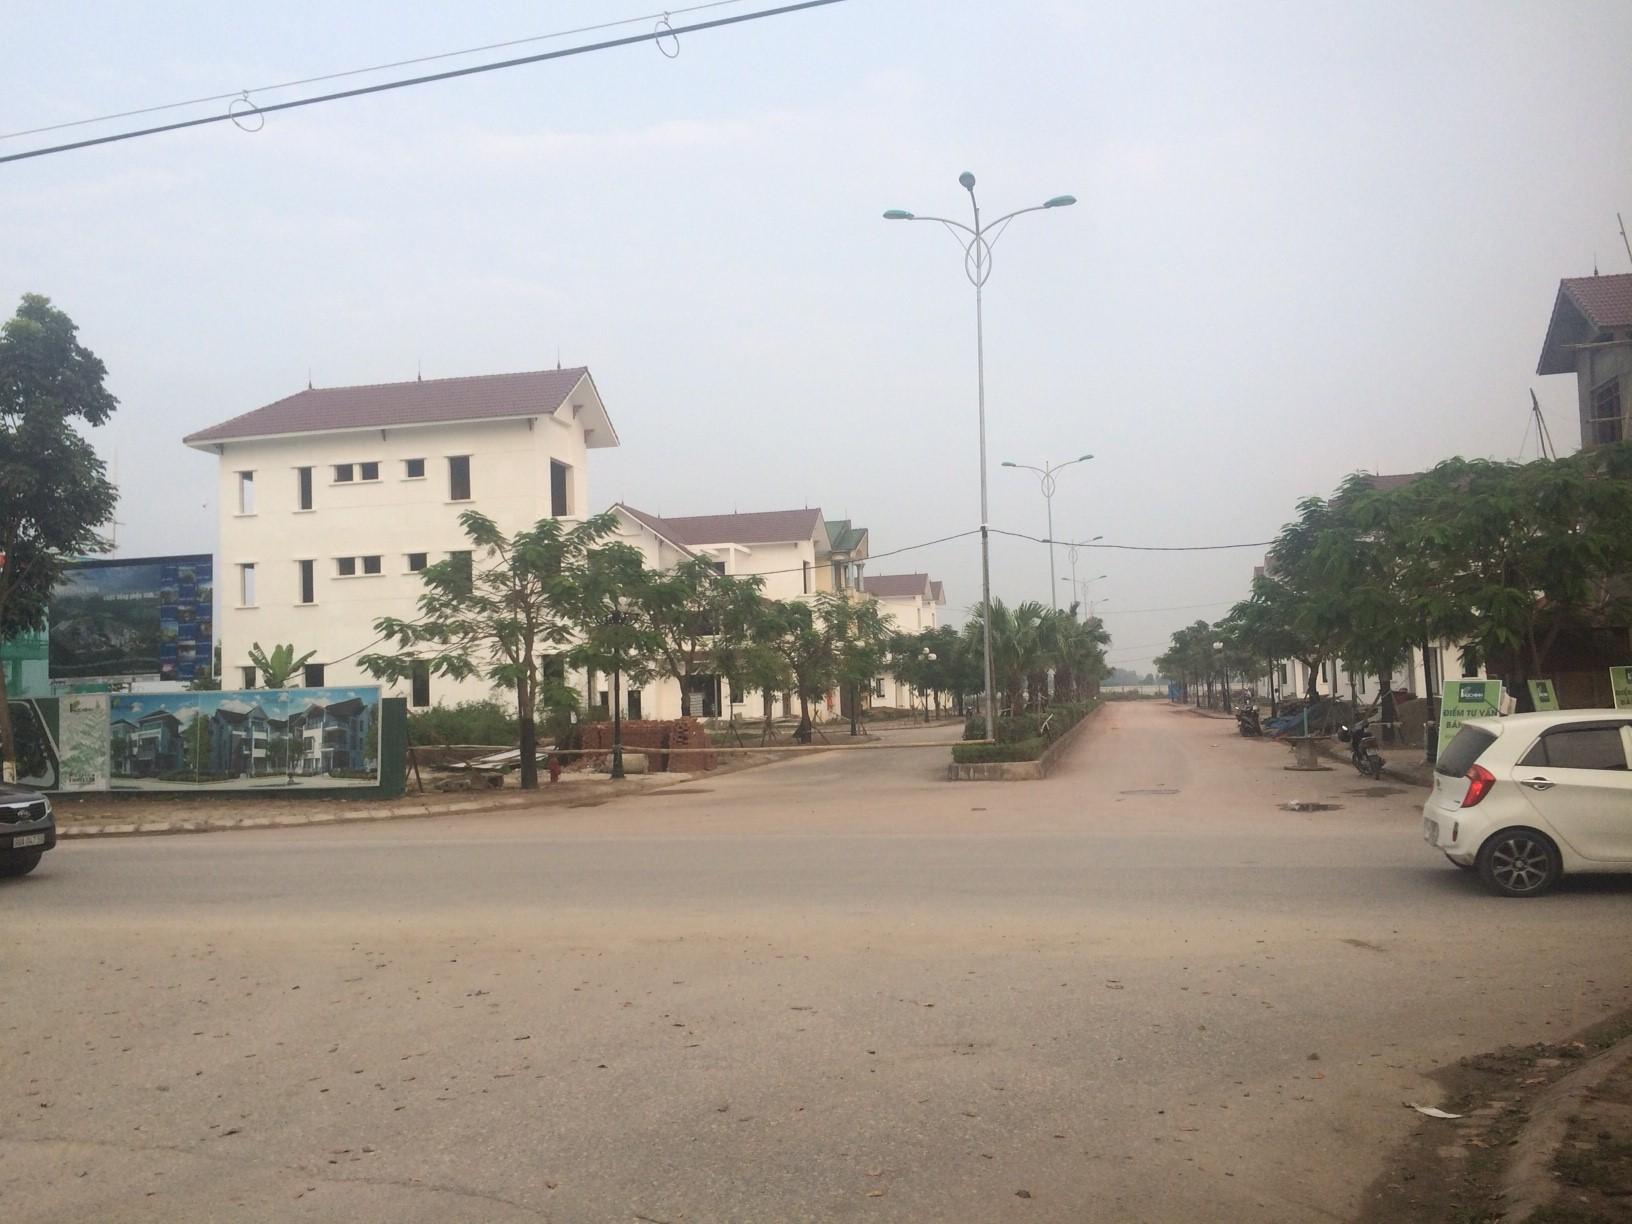 Tien do thi cong du an khu do thi phuc ninh thang 11 (10)